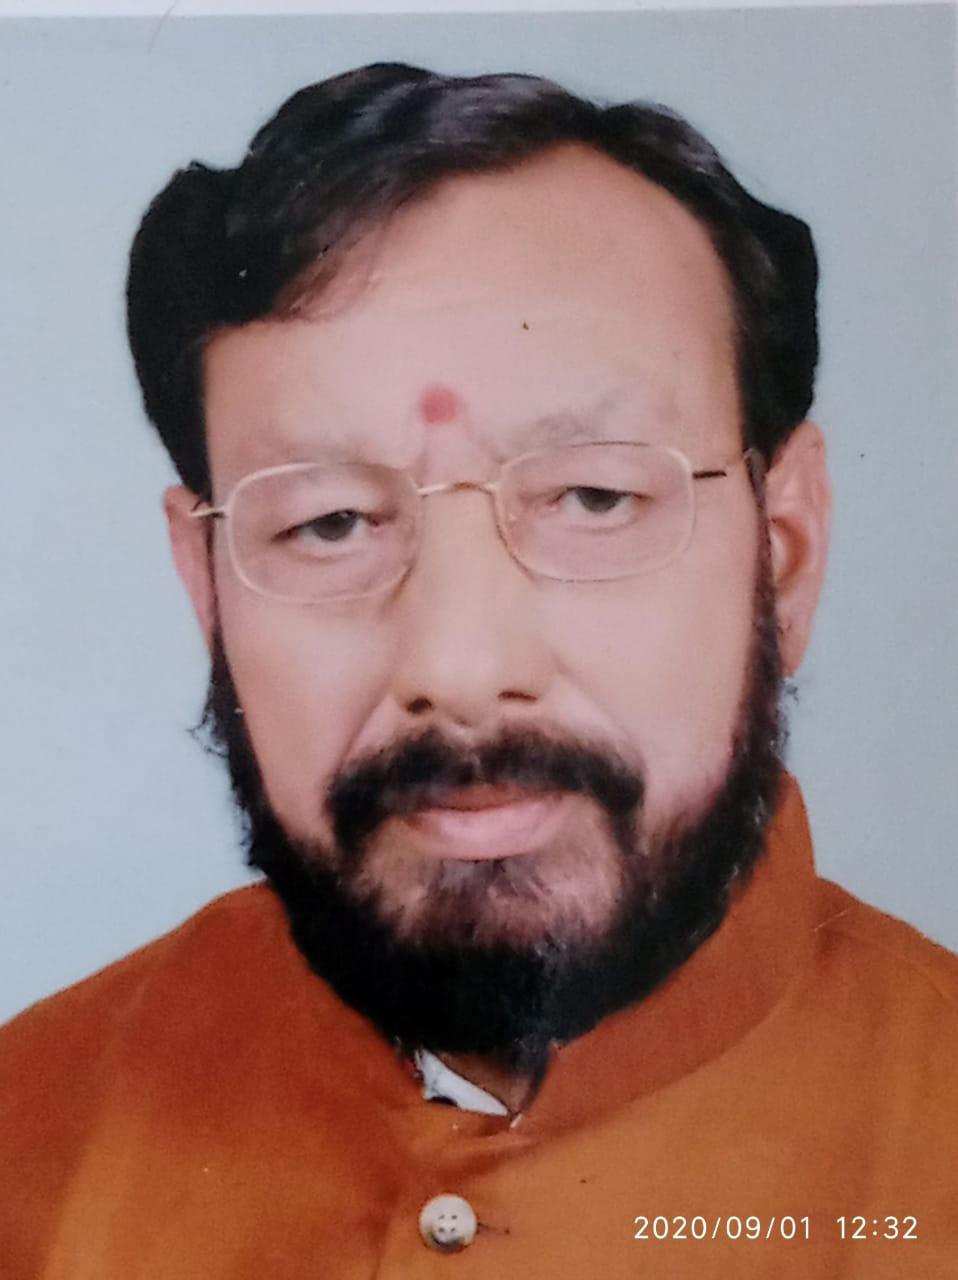 पिथौरागढ़ के पूर्व भाजपा विधायक कृष्ण चंद्र पुनेठा का निधन